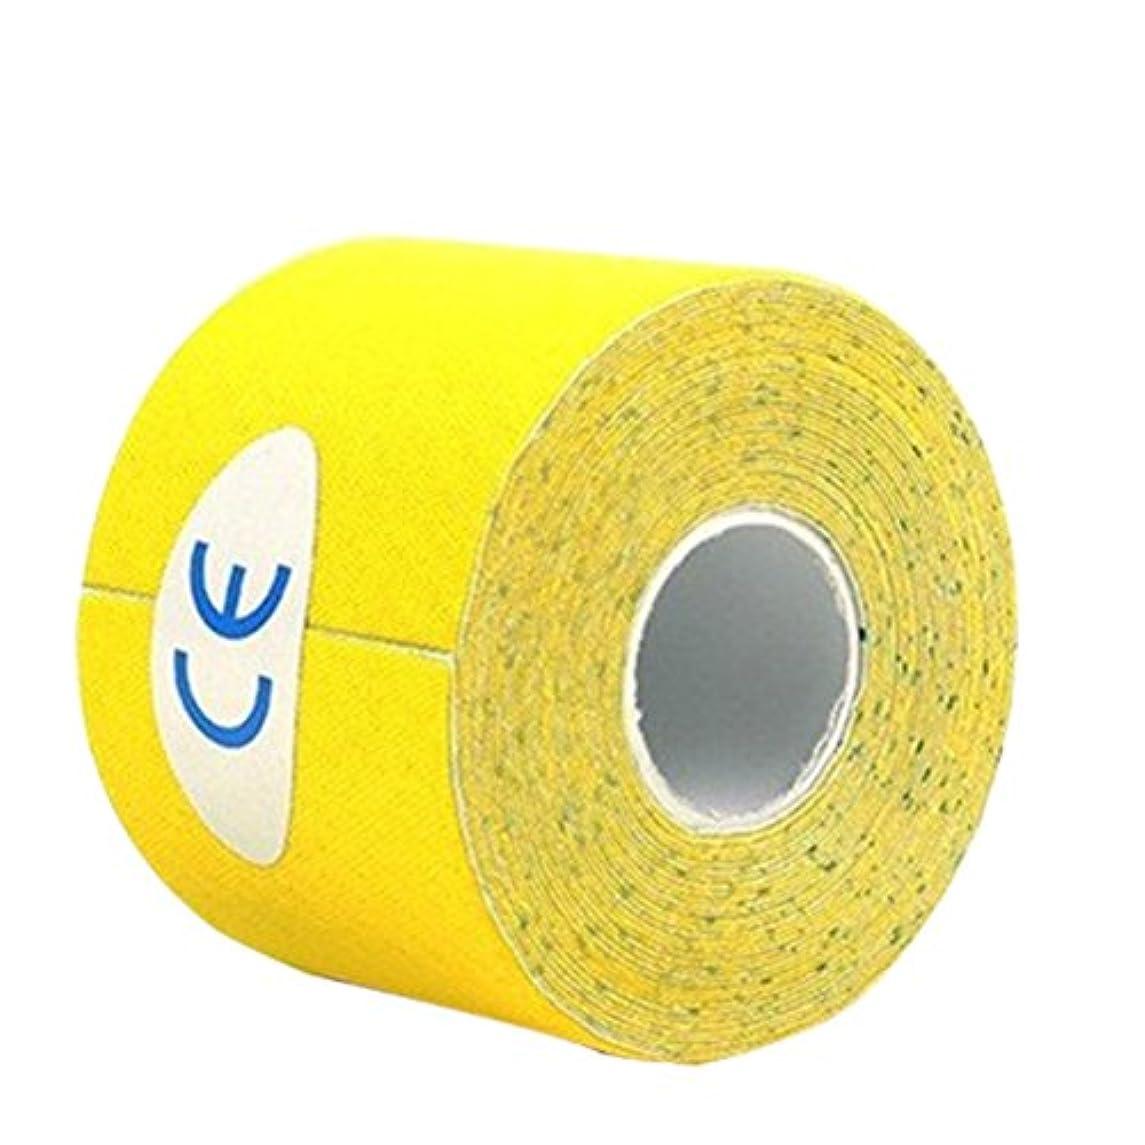 ROSENICE キネシオロジーテープセットセラピースポーツフィジオセラピー500x2.5cm(イエロー)